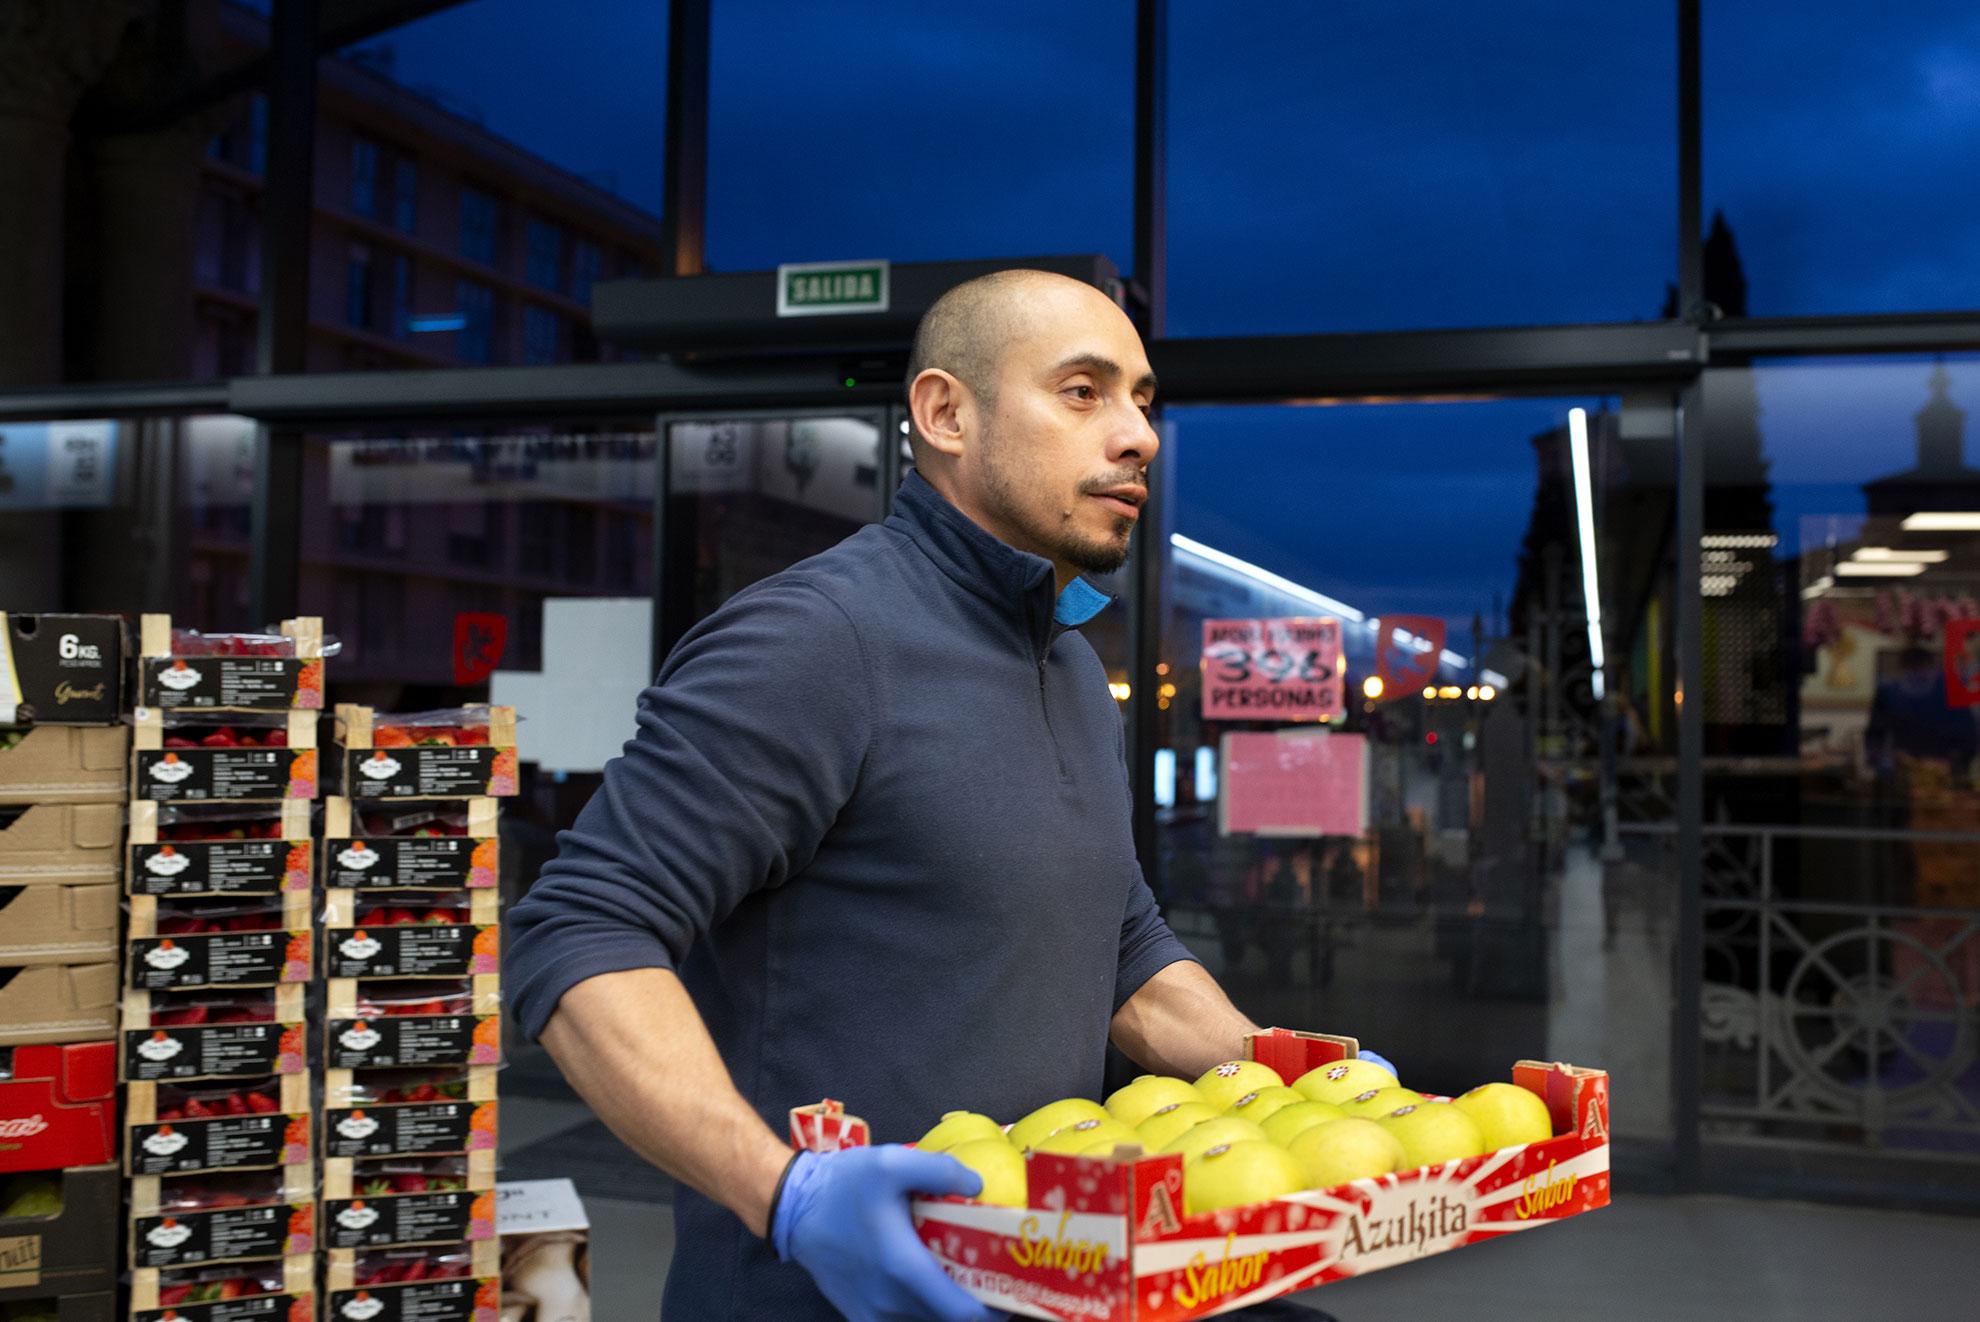 Los transportistas llegan al Mercado Central de Zaragoza de madrugada y descargan frutas y verduras para la venta al público.